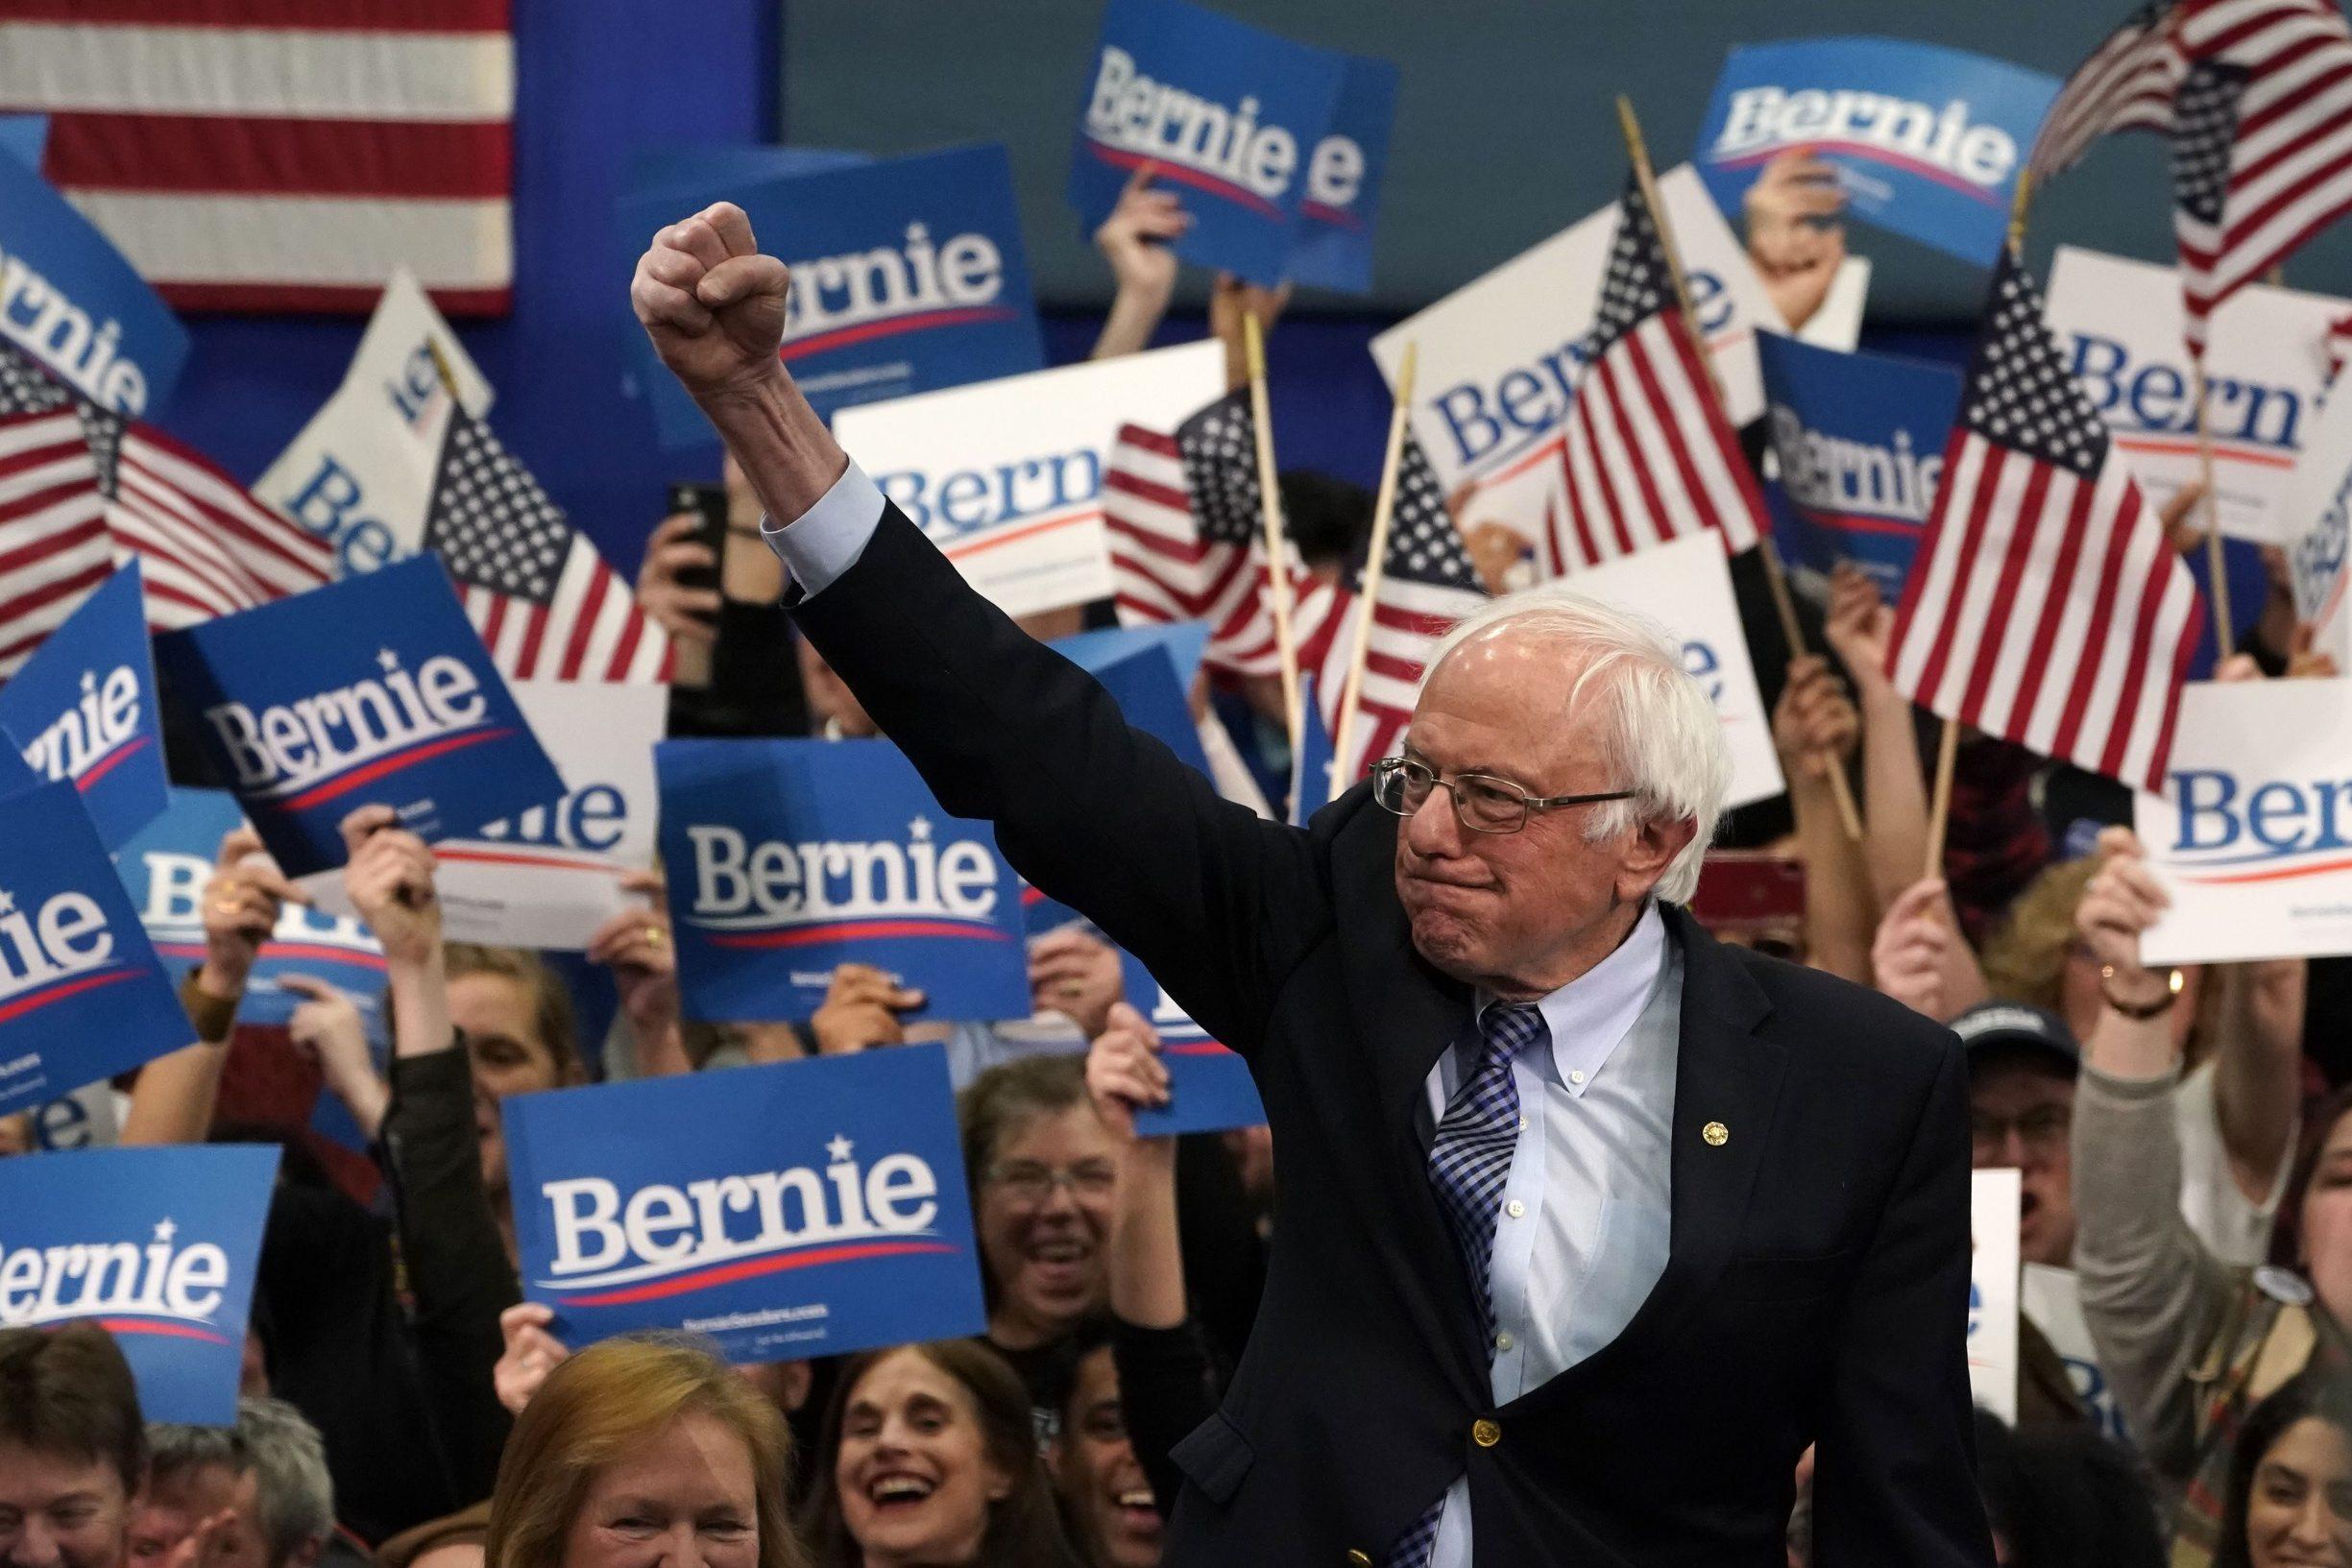 Senator iz Vermonta i samoprozvani demokratski socijalist Bernie Sanders relativan je pobjednik dva ciklusa predizbora Demokratske stranke; hoće li upravo on biti protukandidat Donalda Trumpa?